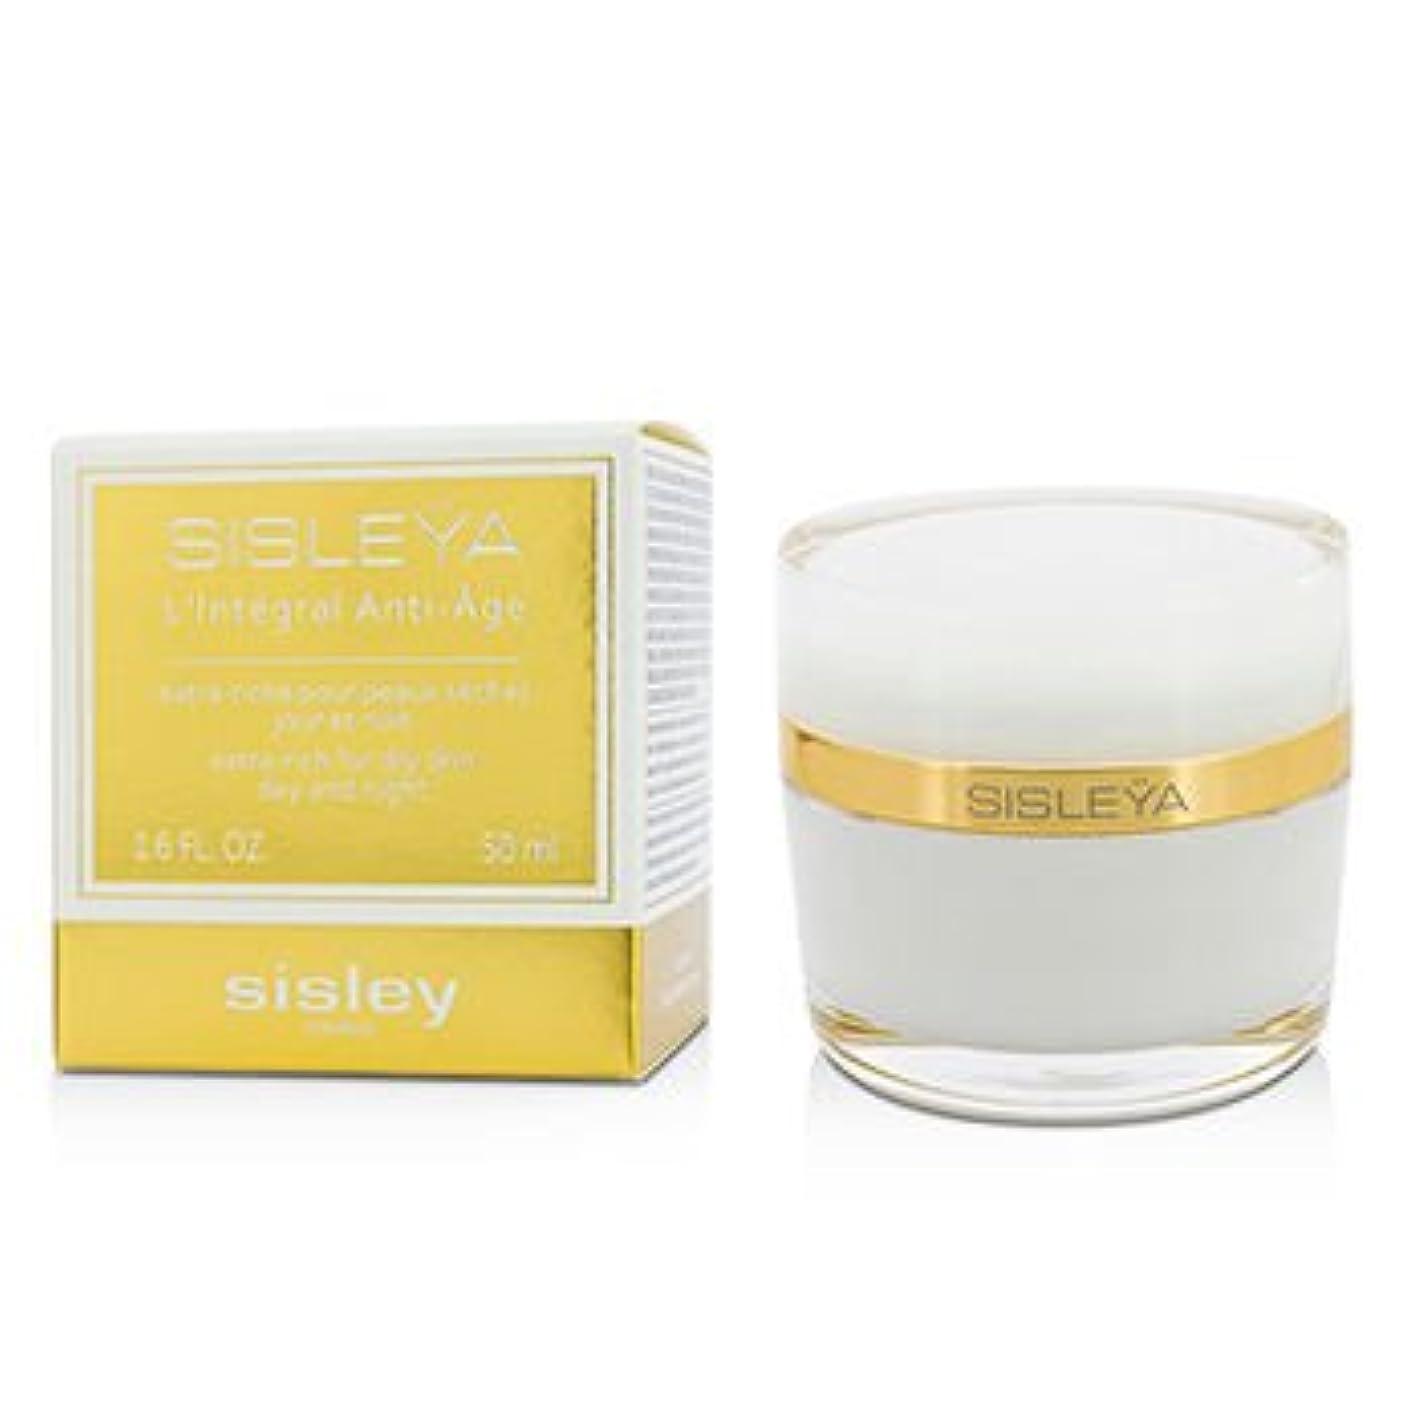 ミネラル生じる警告[Sisley] Sisleya LIntegral Anti-Age Day And Night Cream - Extra Rich for Dry skin 50ml/1.6oz